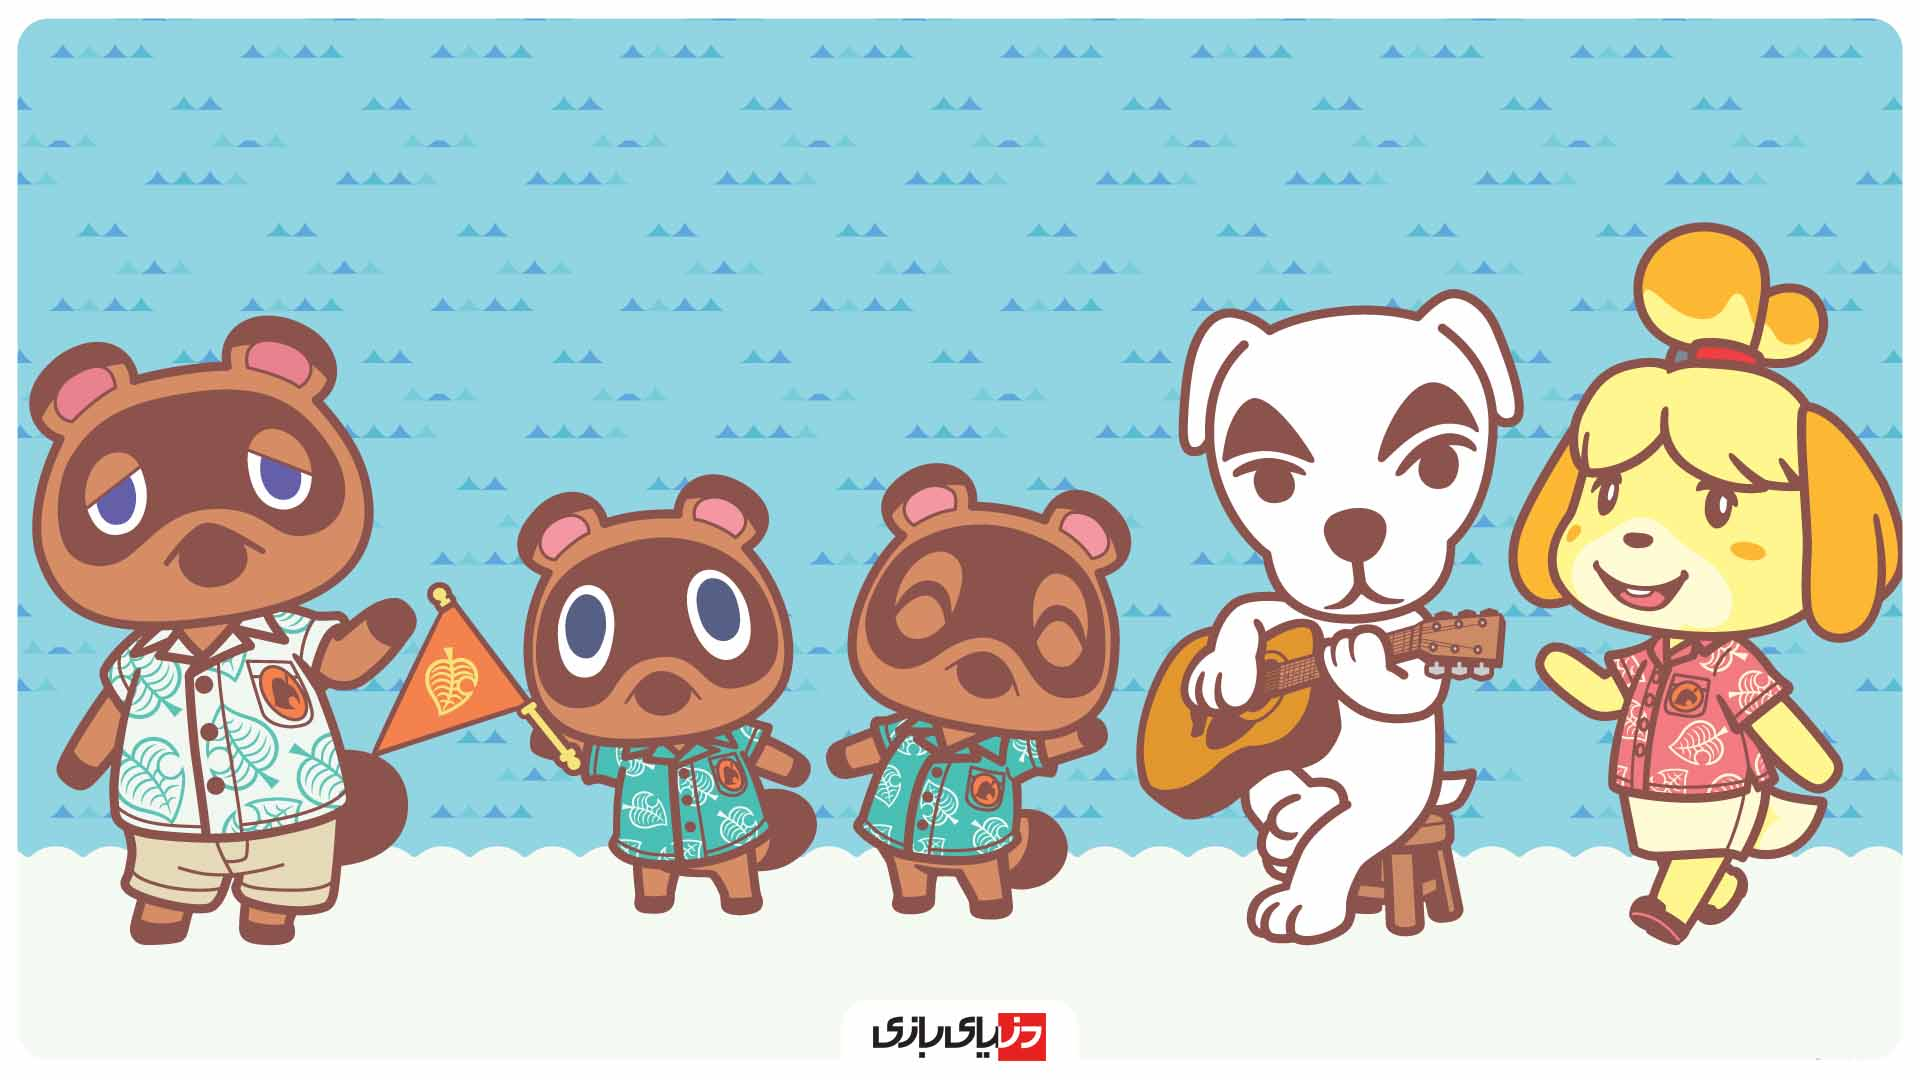 بهترین بازی از نظر IGN – بازی Animal Crossing: New Horizons